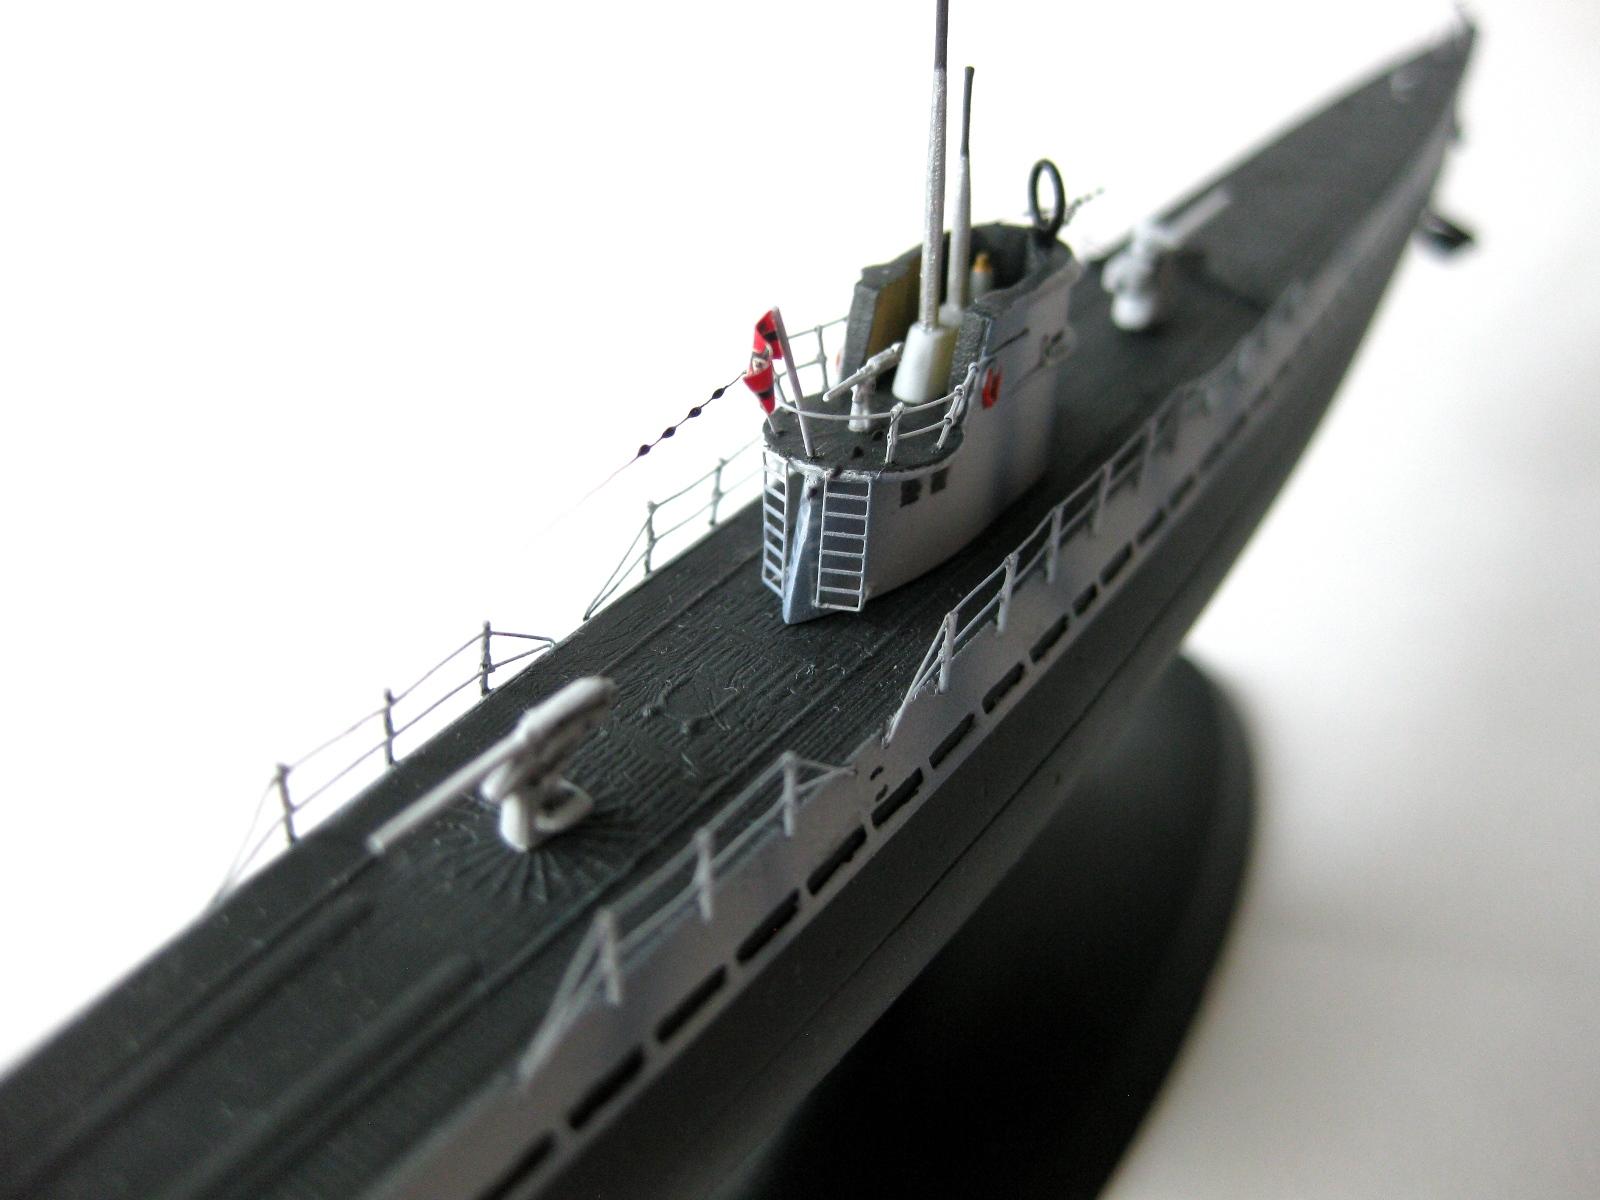 дизель на германских подводных лодках